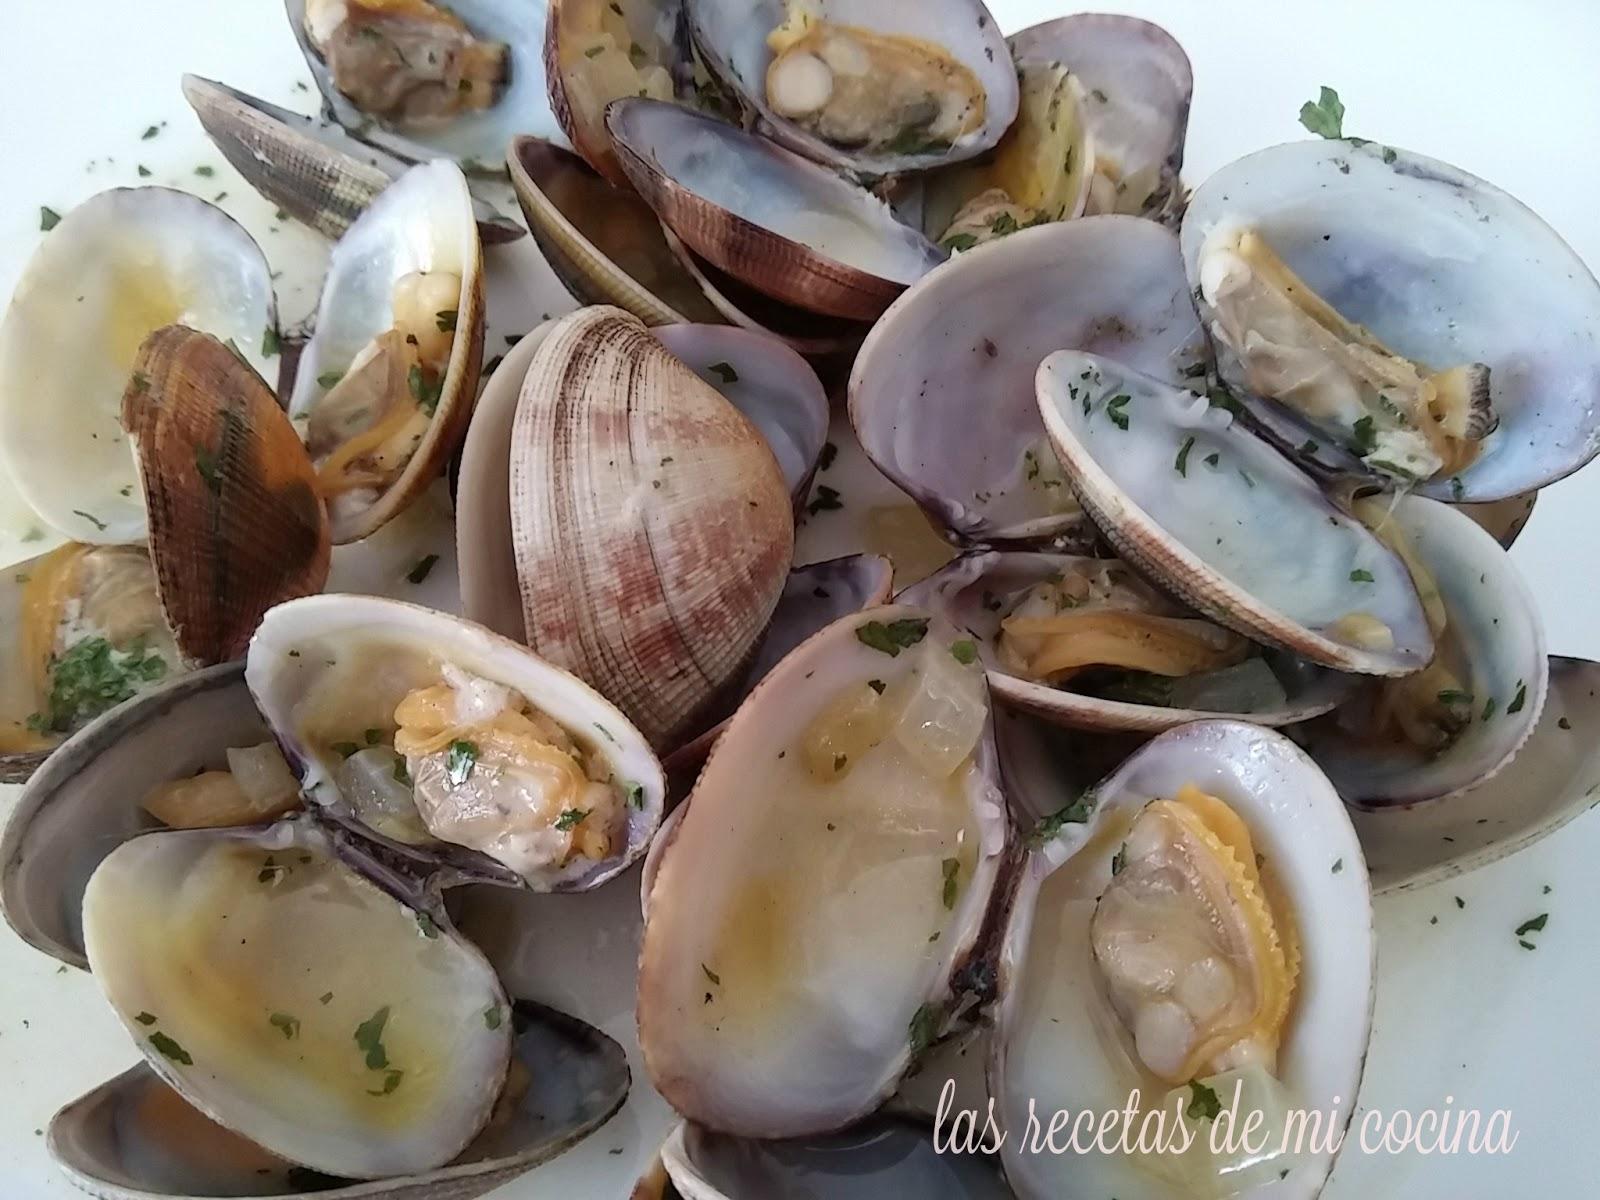 Recetas De Cocina Almejas A La Marinera | Las Recetas De Mi Cocina Almejas A La Marinera